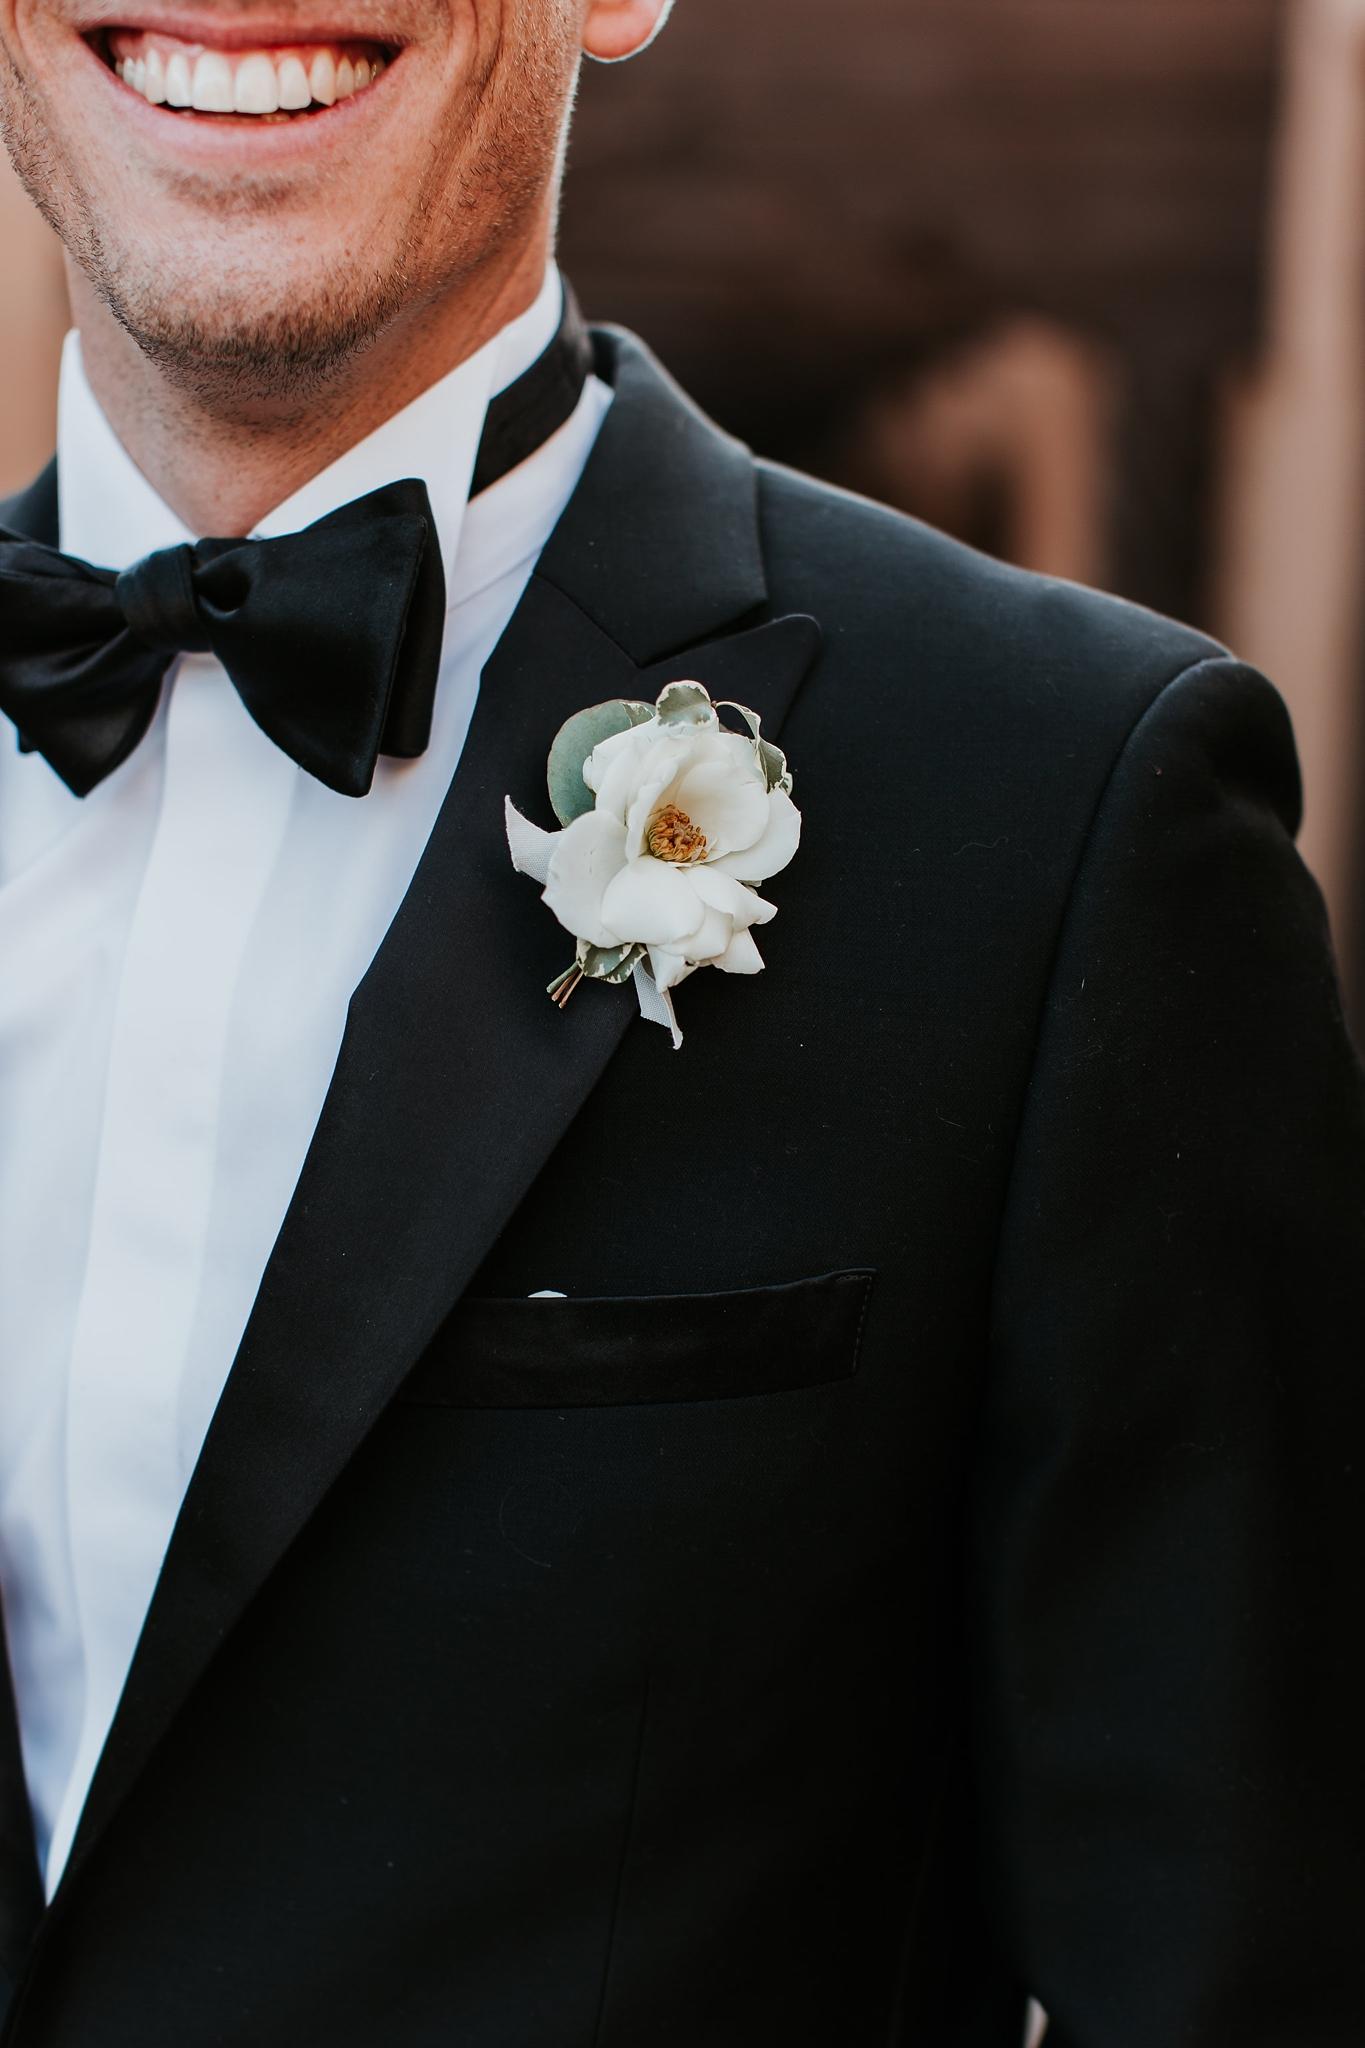 Alicia+lucia+photography+-+albuquerque+wedding+photographer+-+santa+fe+wedding+photography+-+new+mexico+wedding+photographer+-+new+mexico+florist+-+wedding+florist+-+renegade+floral_0066.jpg